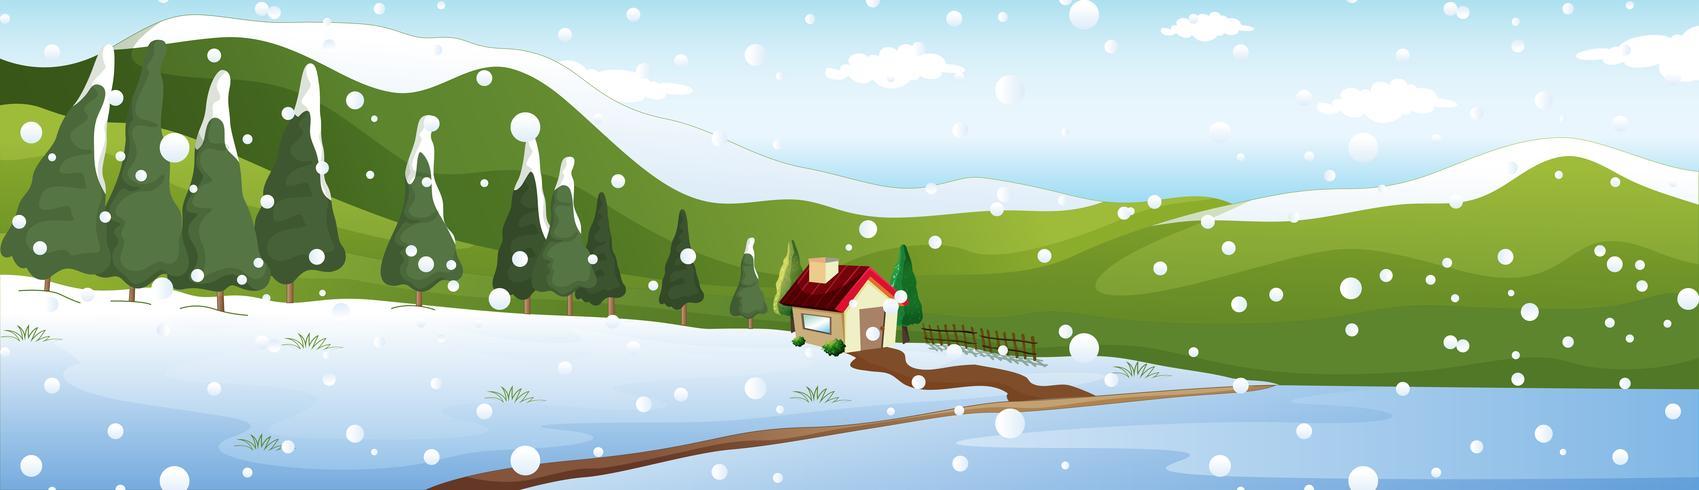 Hintergrundszene mit Haus im Winter